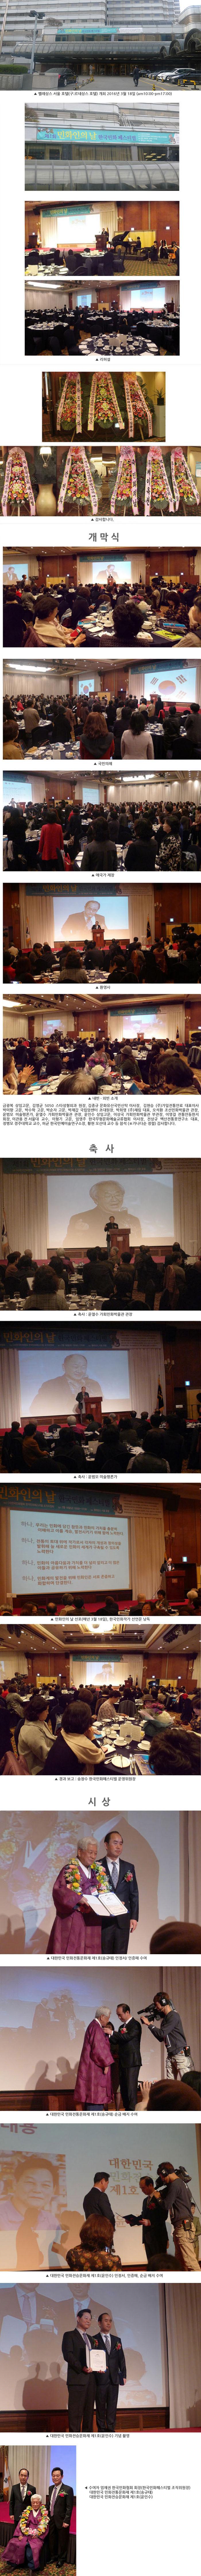 민화인의-날(1).jpg